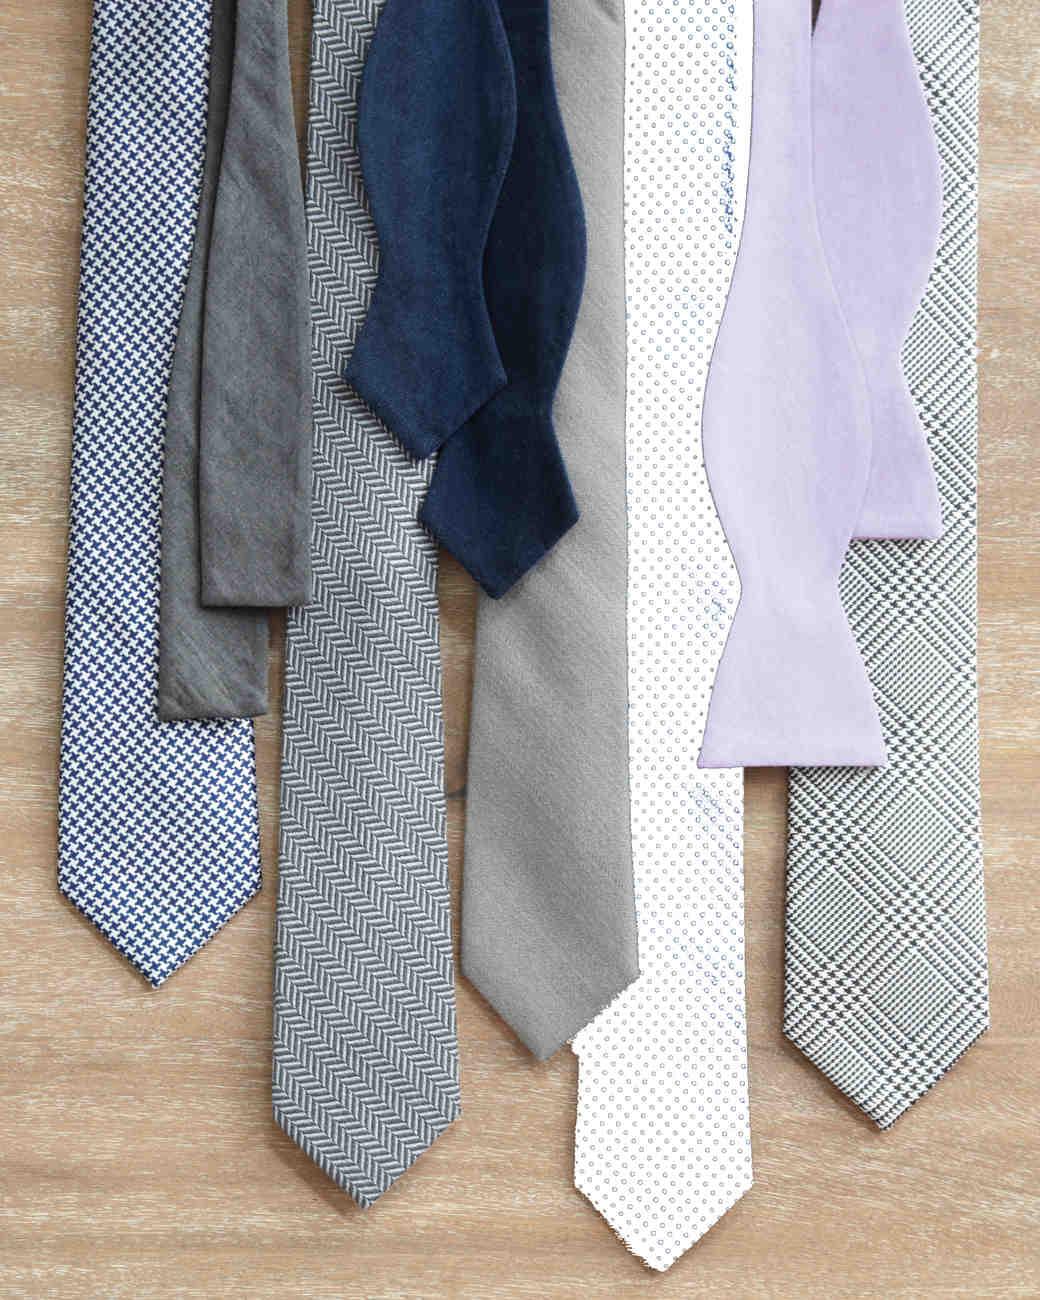 ties-bowtie-yk-330-mwd110177.jpg